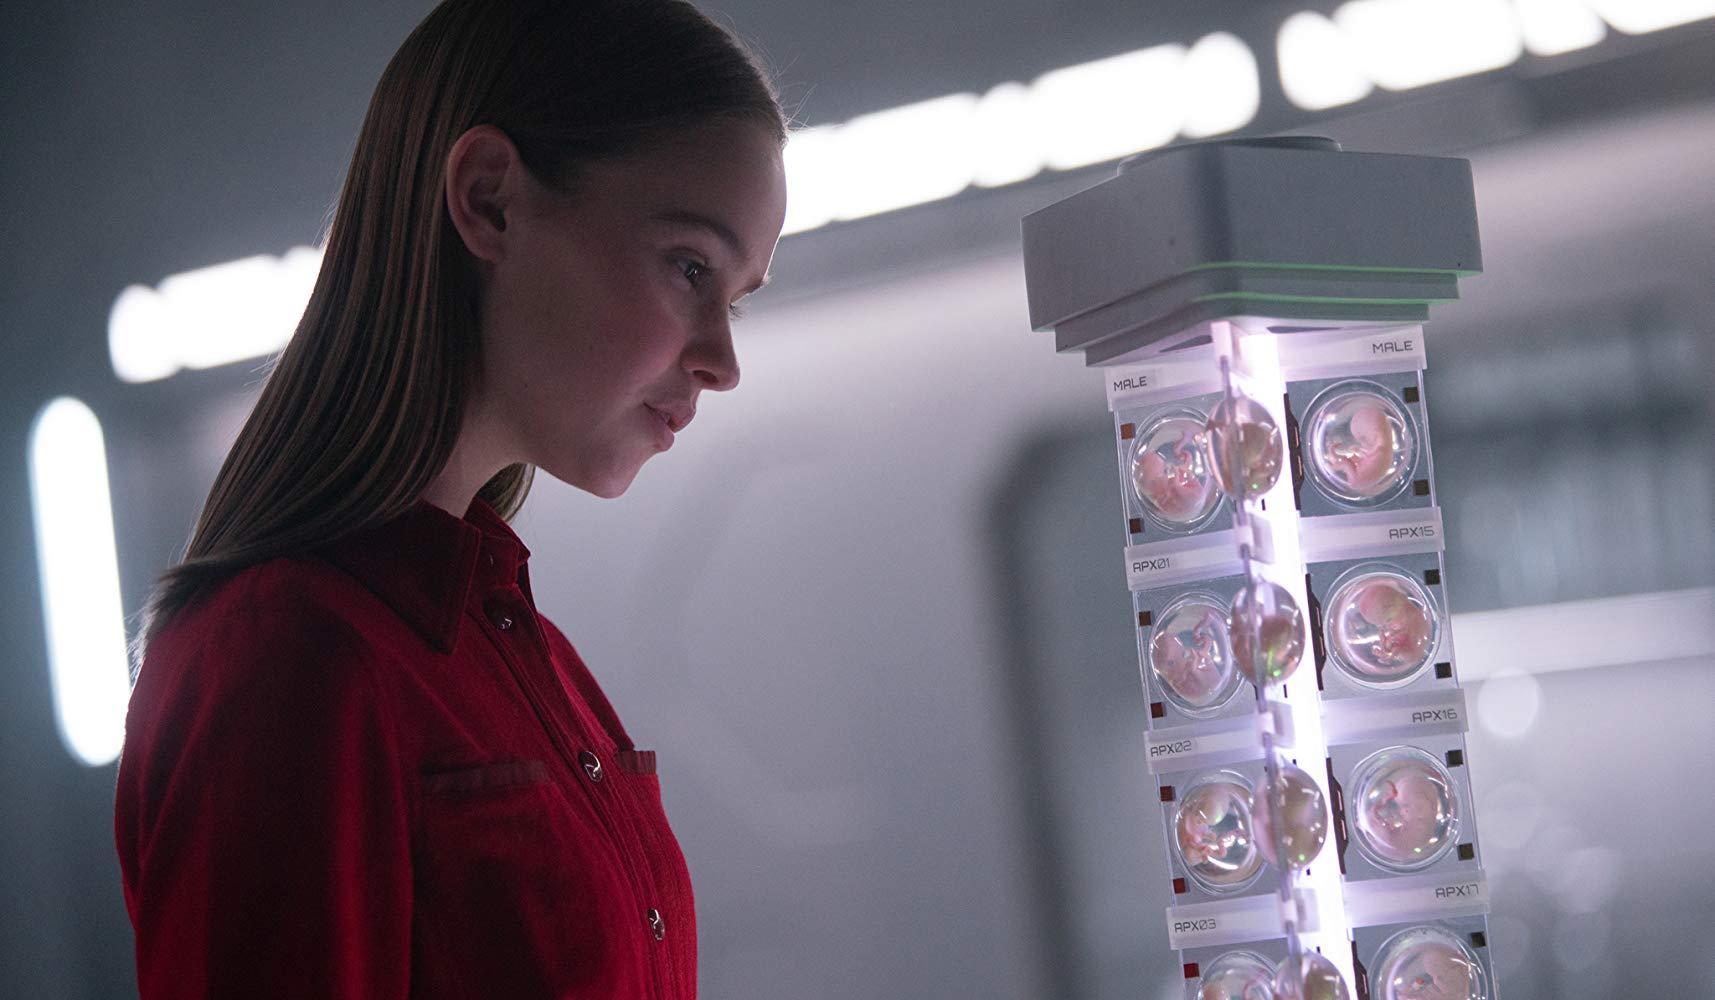 світлини із фильма Фільм - Дитя робота